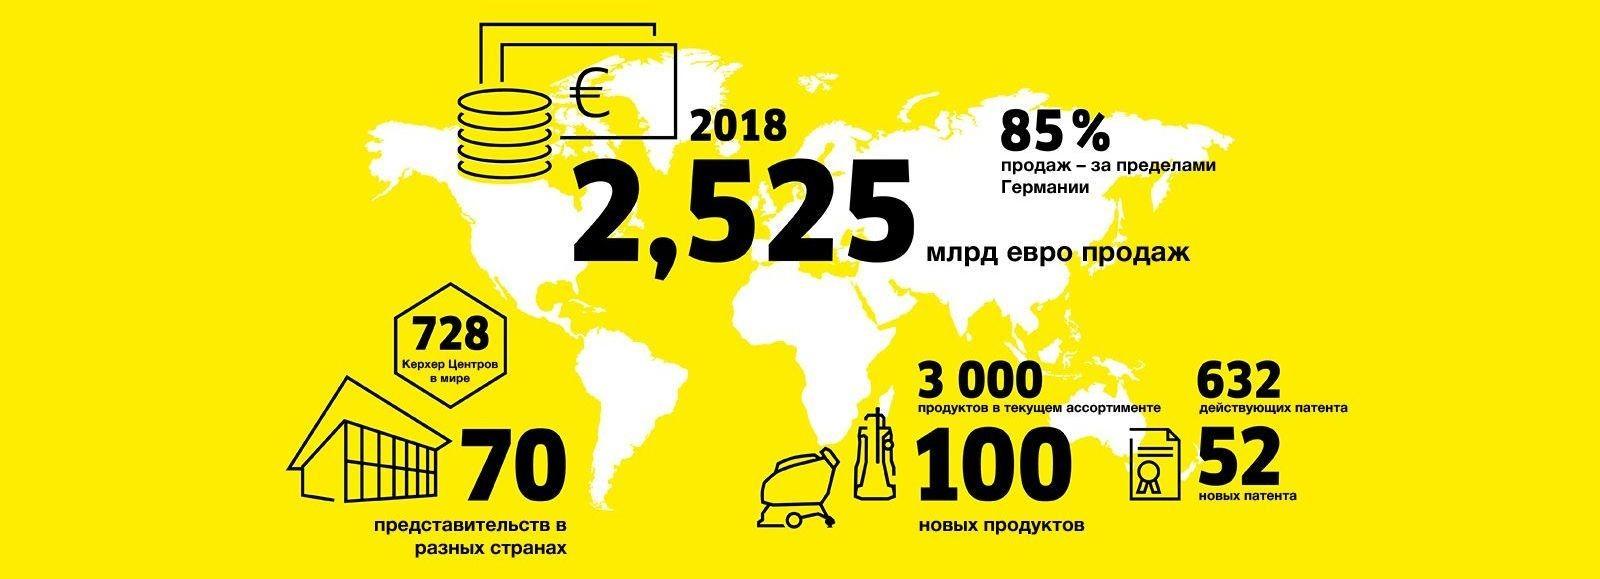 Компания Kärcher достигла рекордного оборота по итогам 2018 года